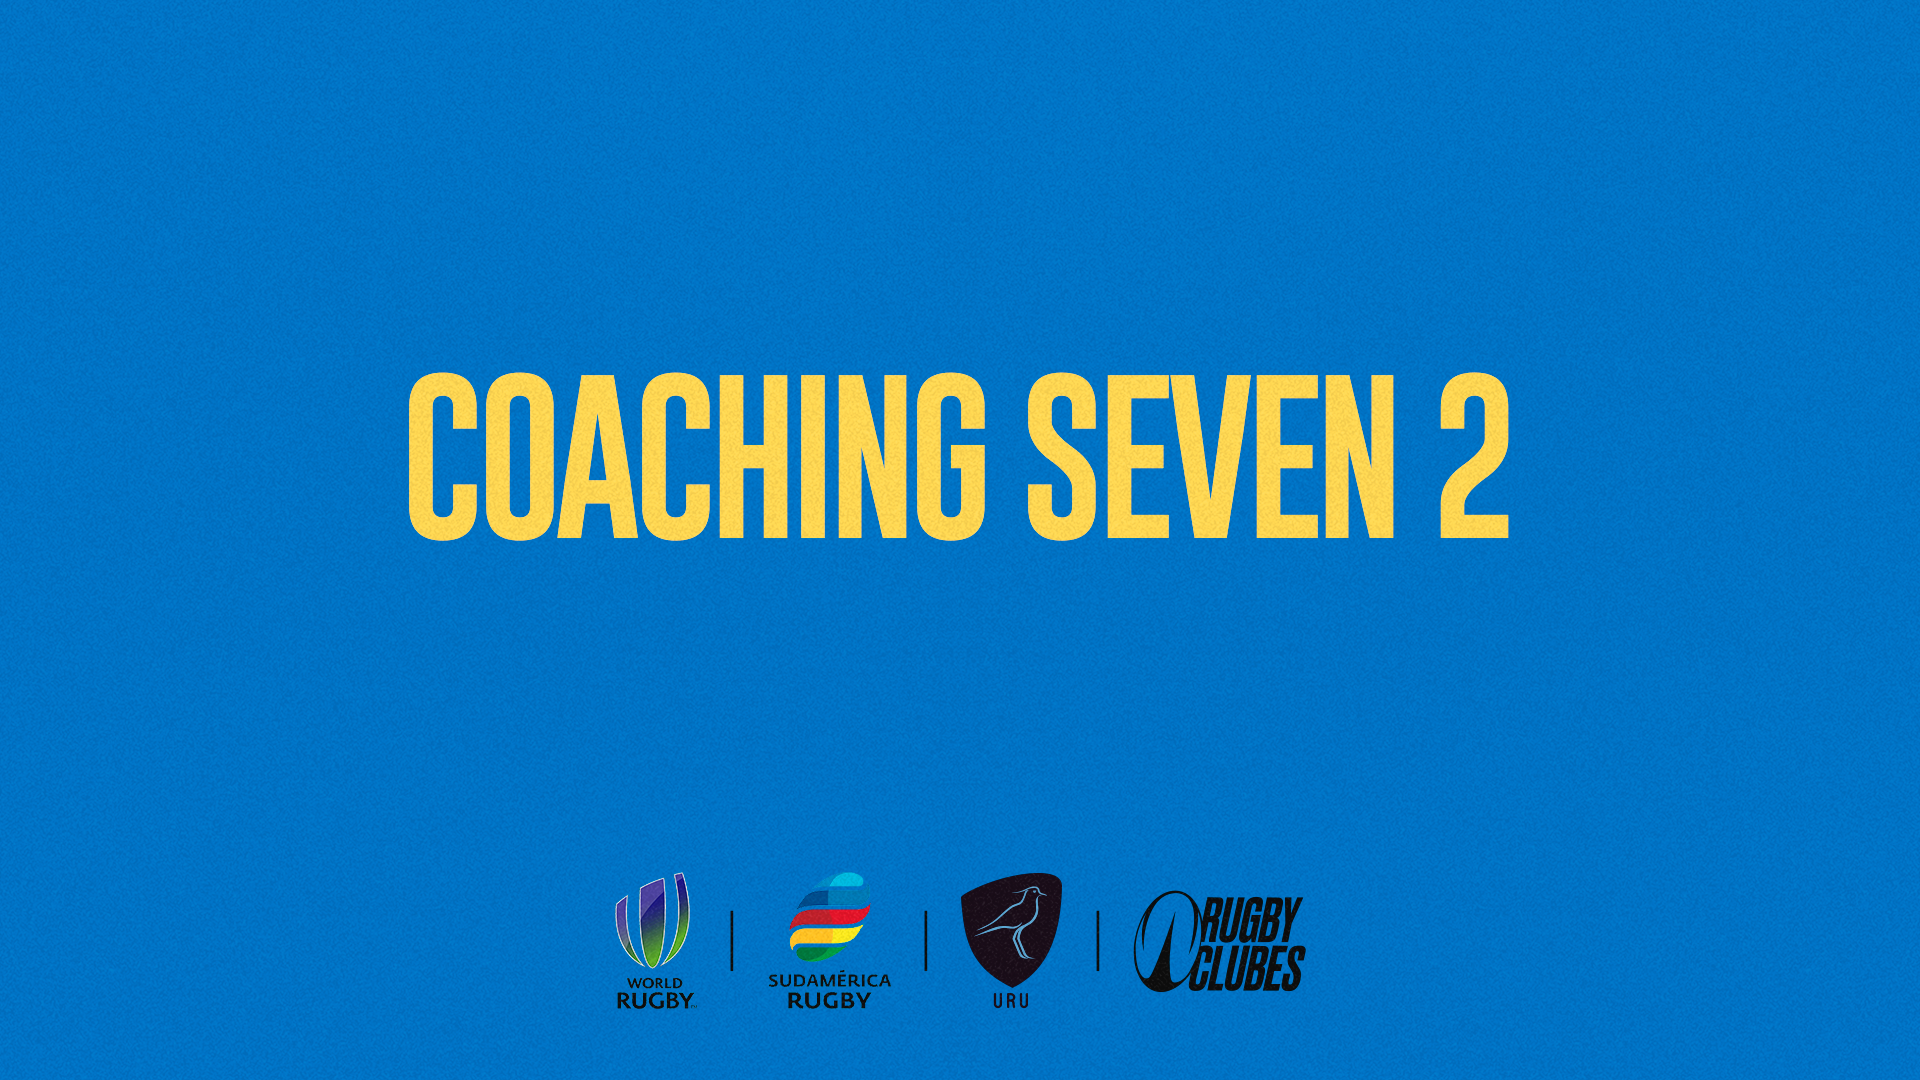 Coaching Seven 2